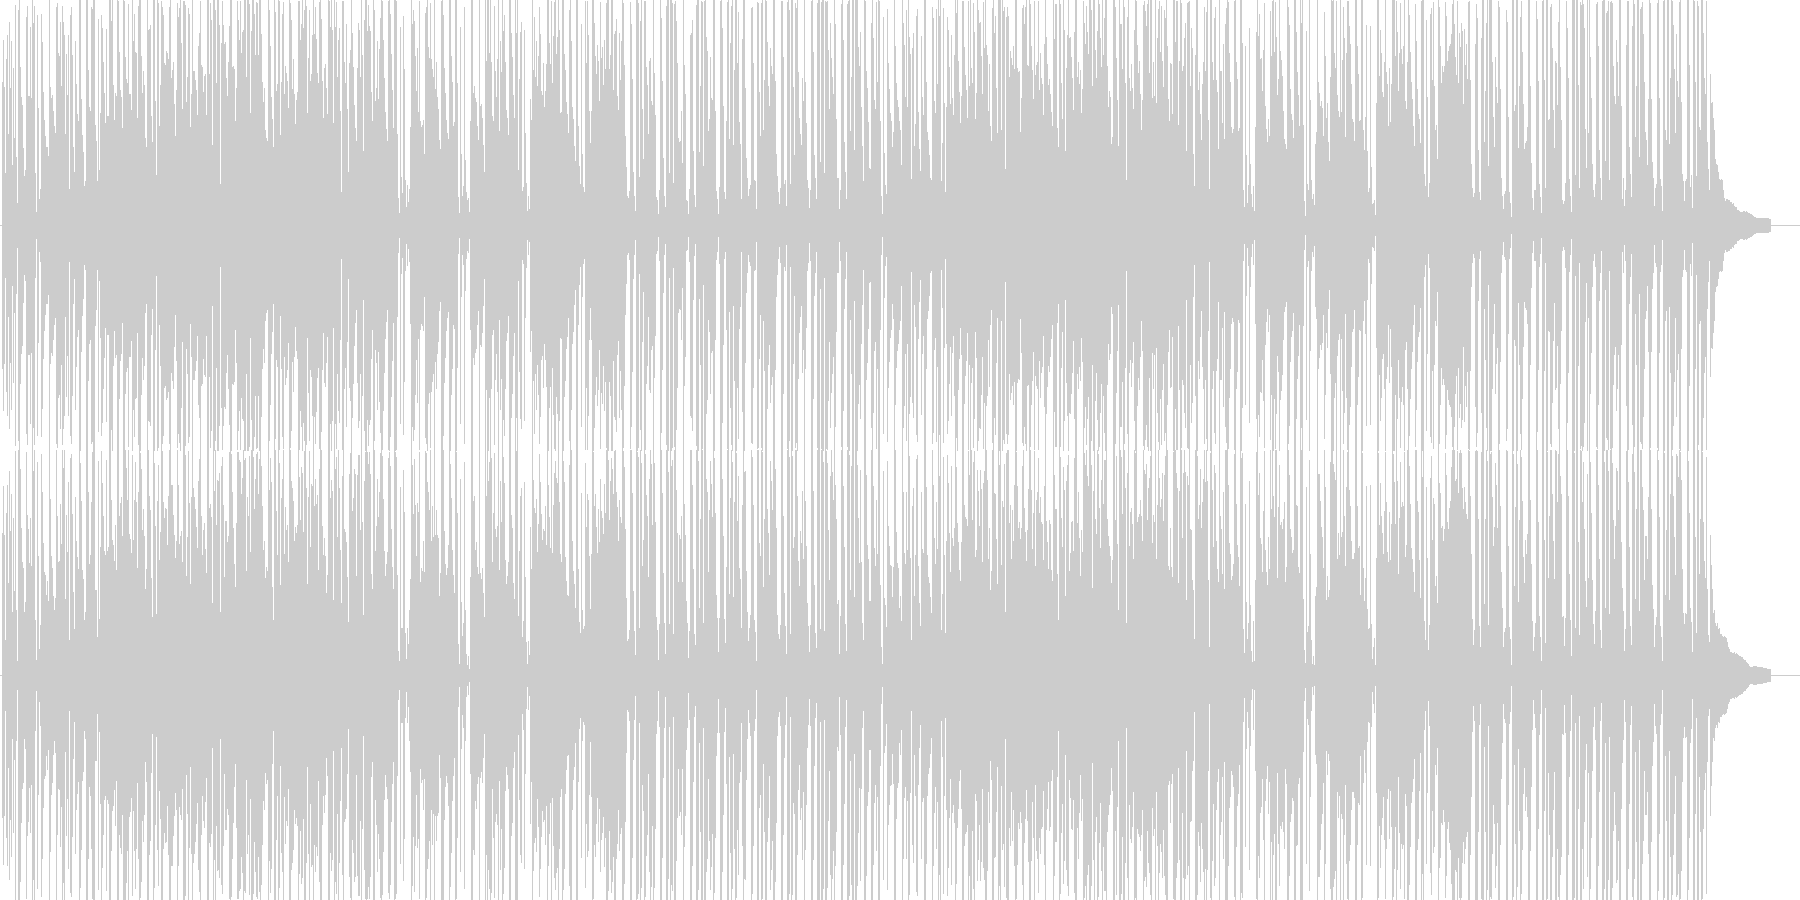 気持ちが弾む軽快なアコースティックポップの未再生の波形